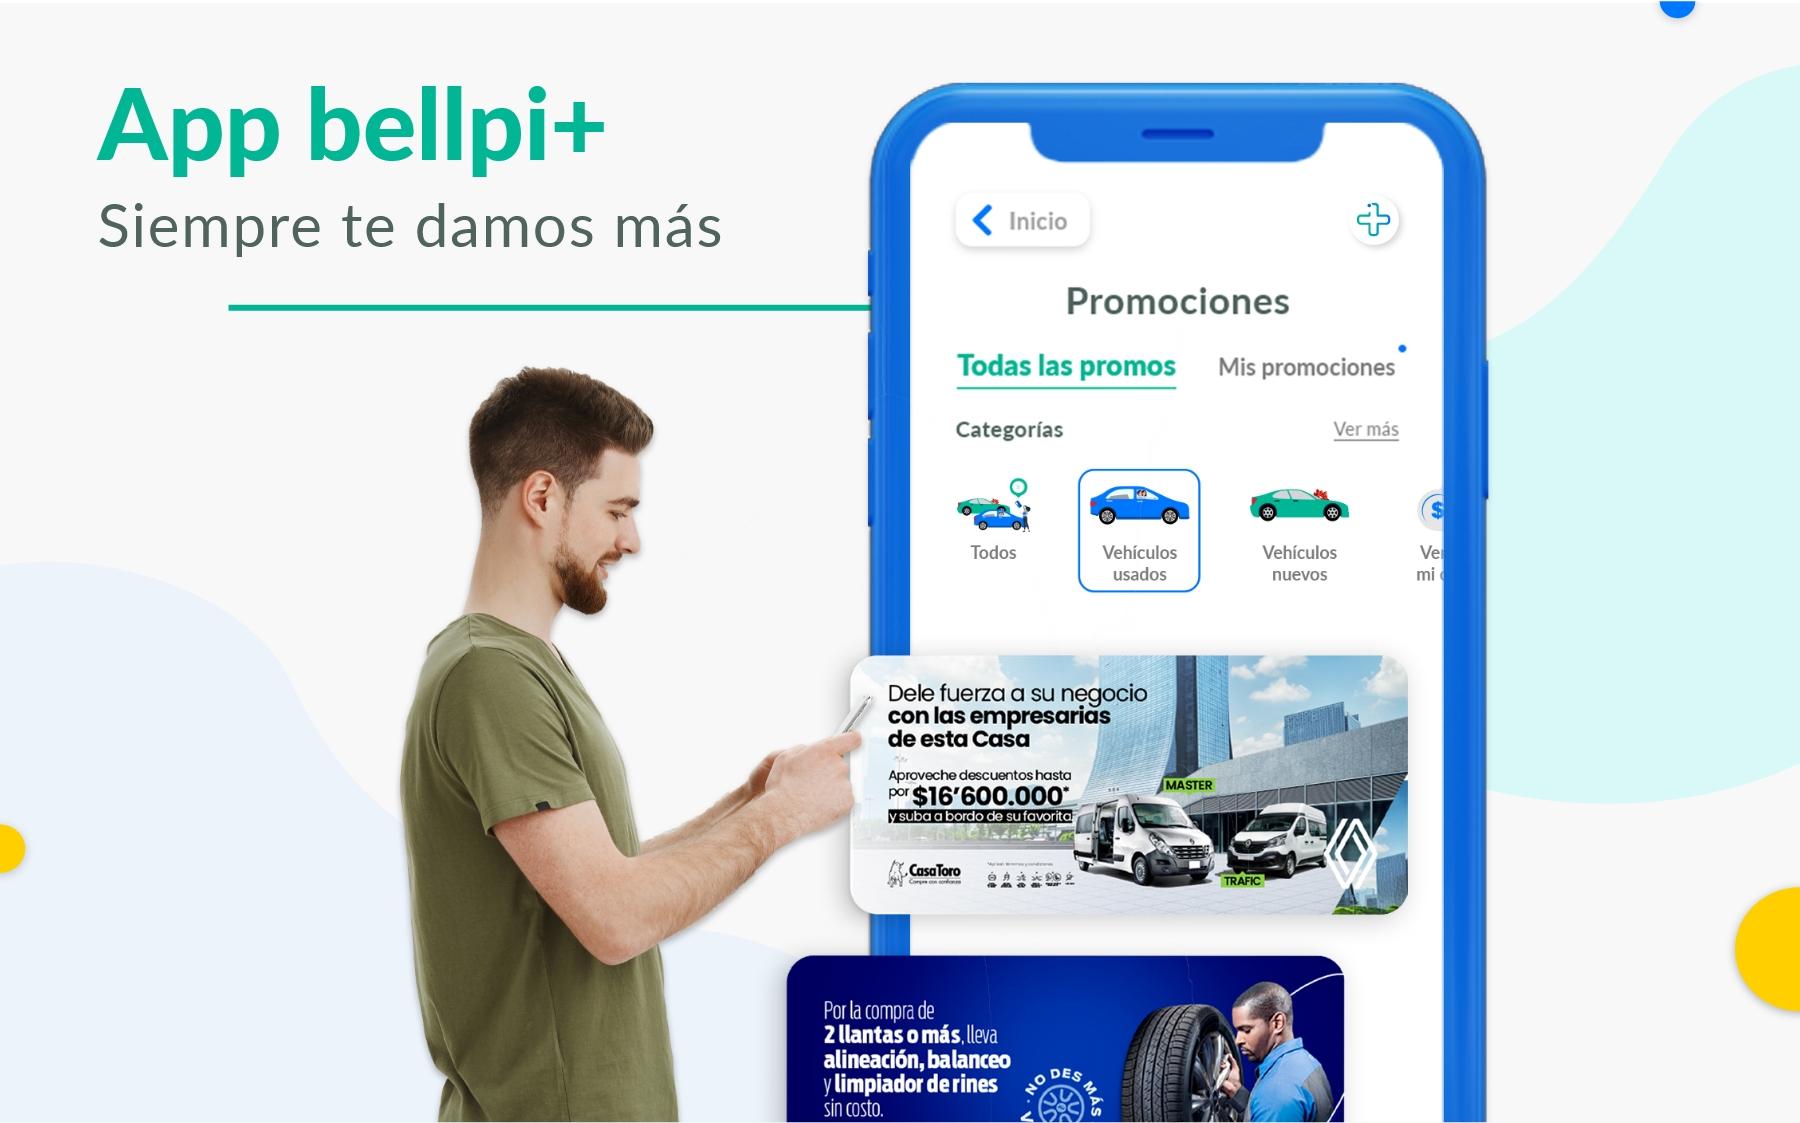 Beneficios de la app bellpi+